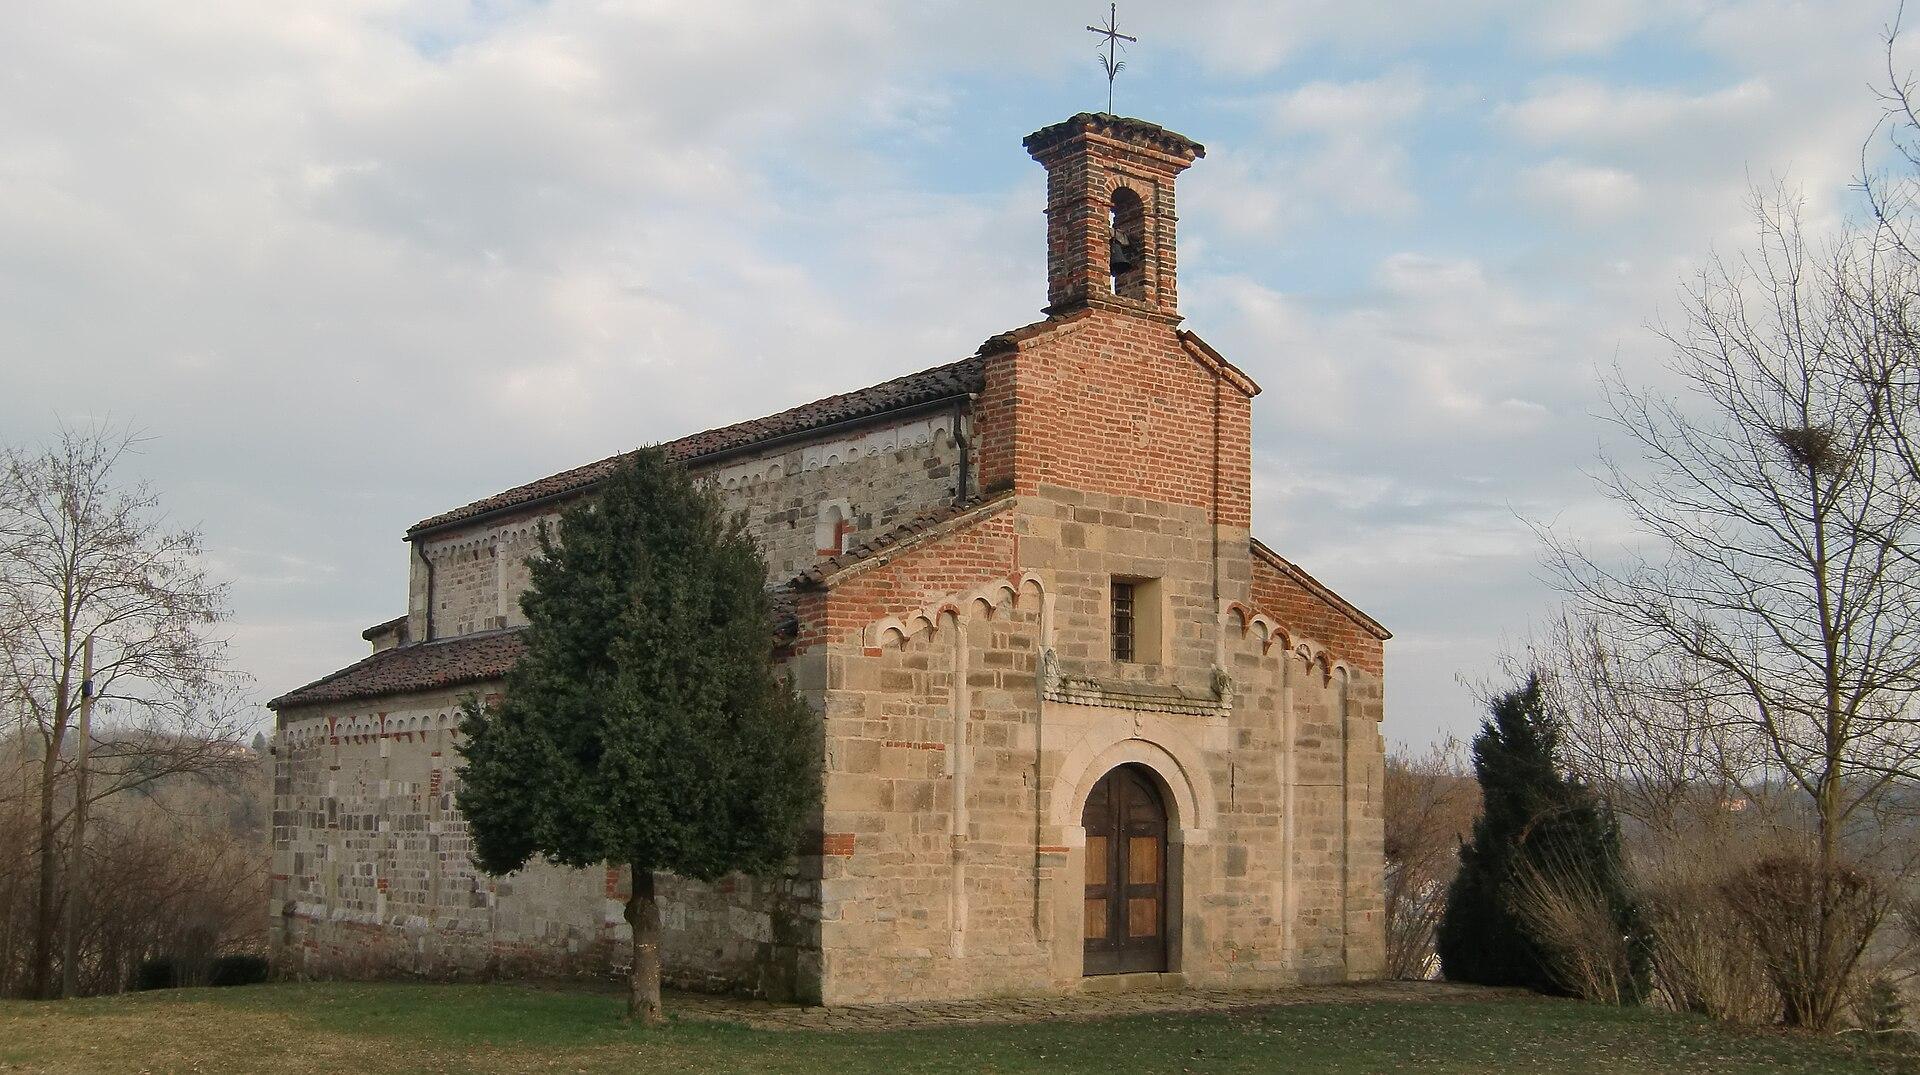 Chiesa Di San Secondo Cortazzone Wikipedia